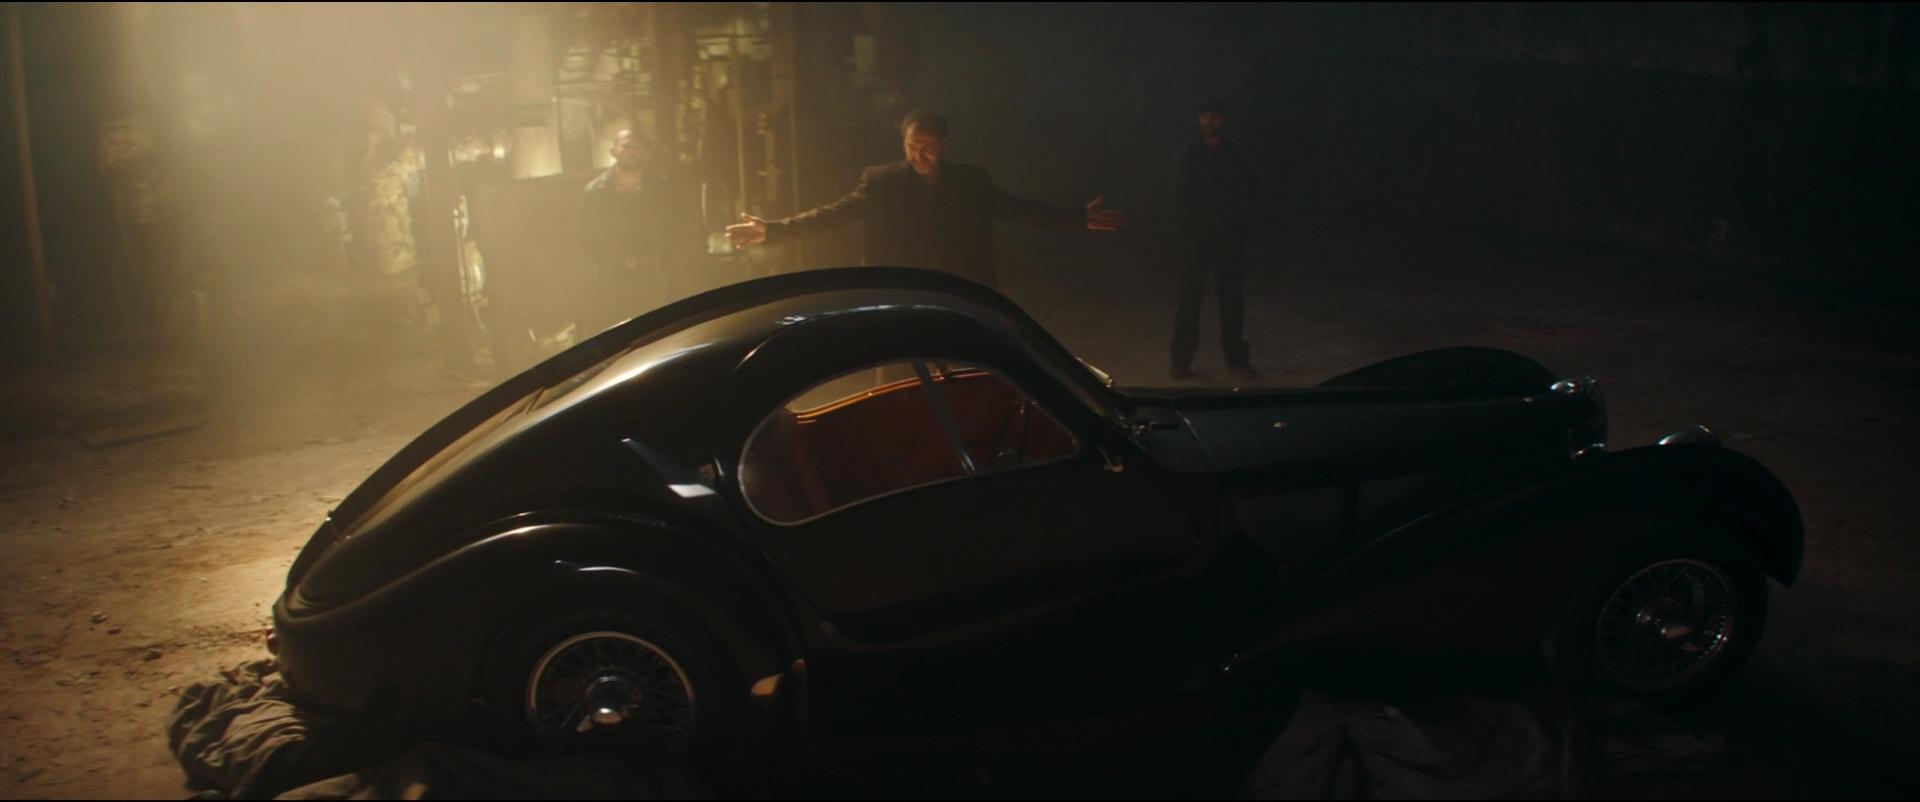 Range Rover Suv >> Bugatti Type 57 S Atlantic Car in Overdrive (2017) Movie